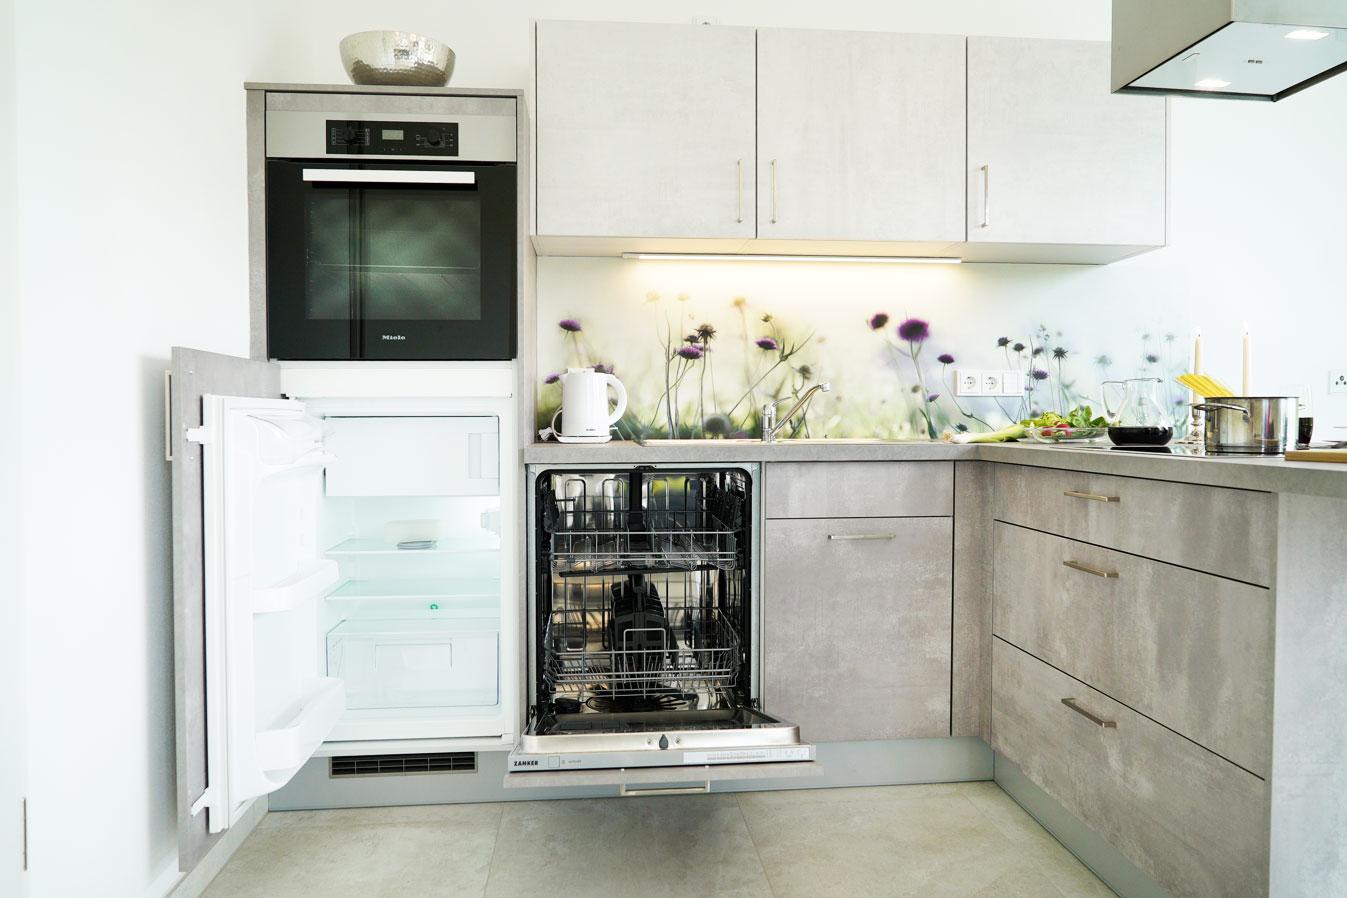 Kühlschrank mit Gefrierfach, Backofen und Geschirrspüler